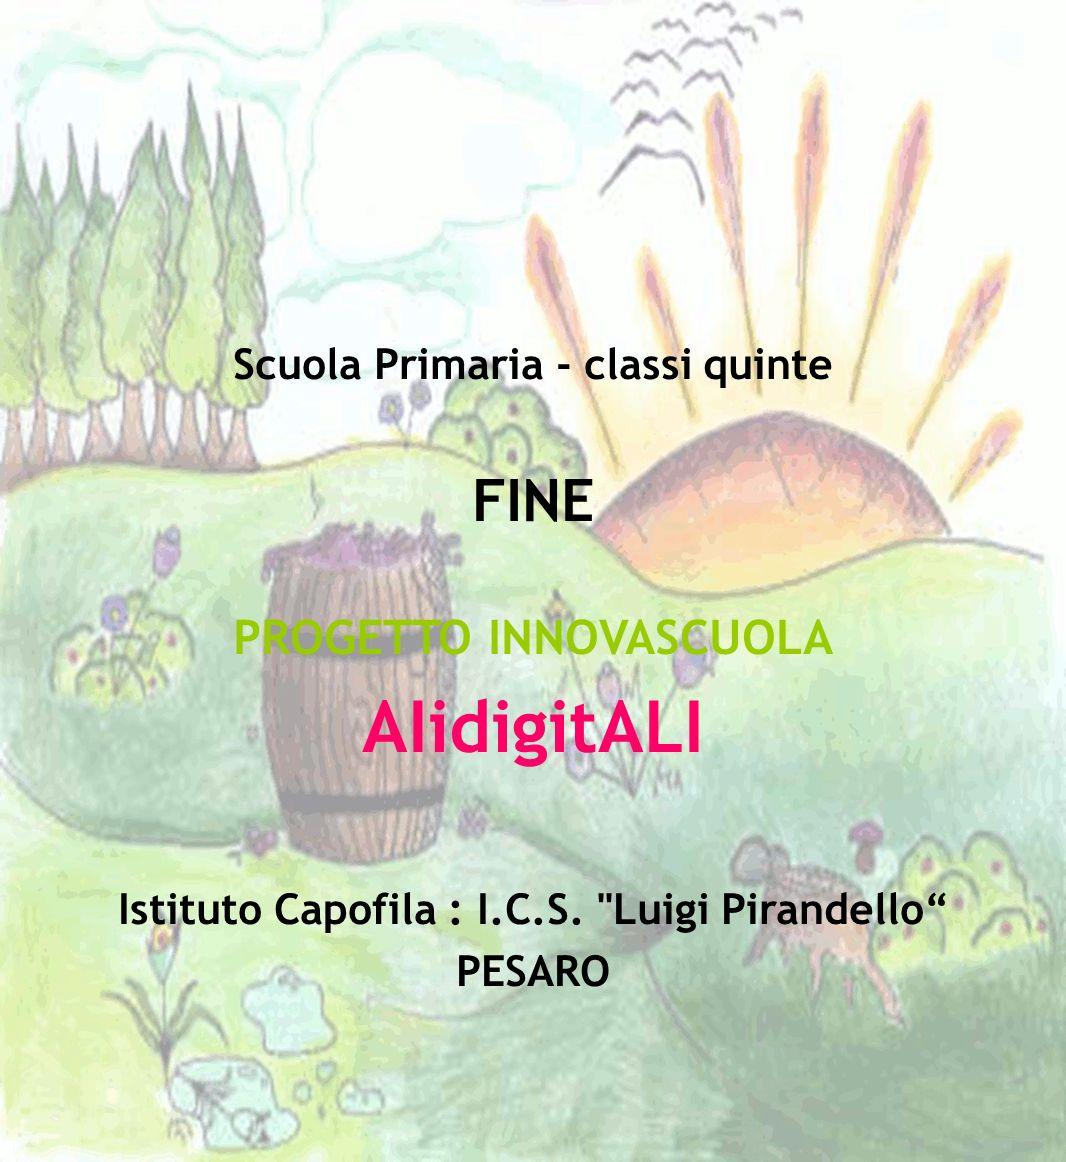 AIidigitALI FINE PROGETTO INNOVASCUOLA Scuola Primaria - classi quinte